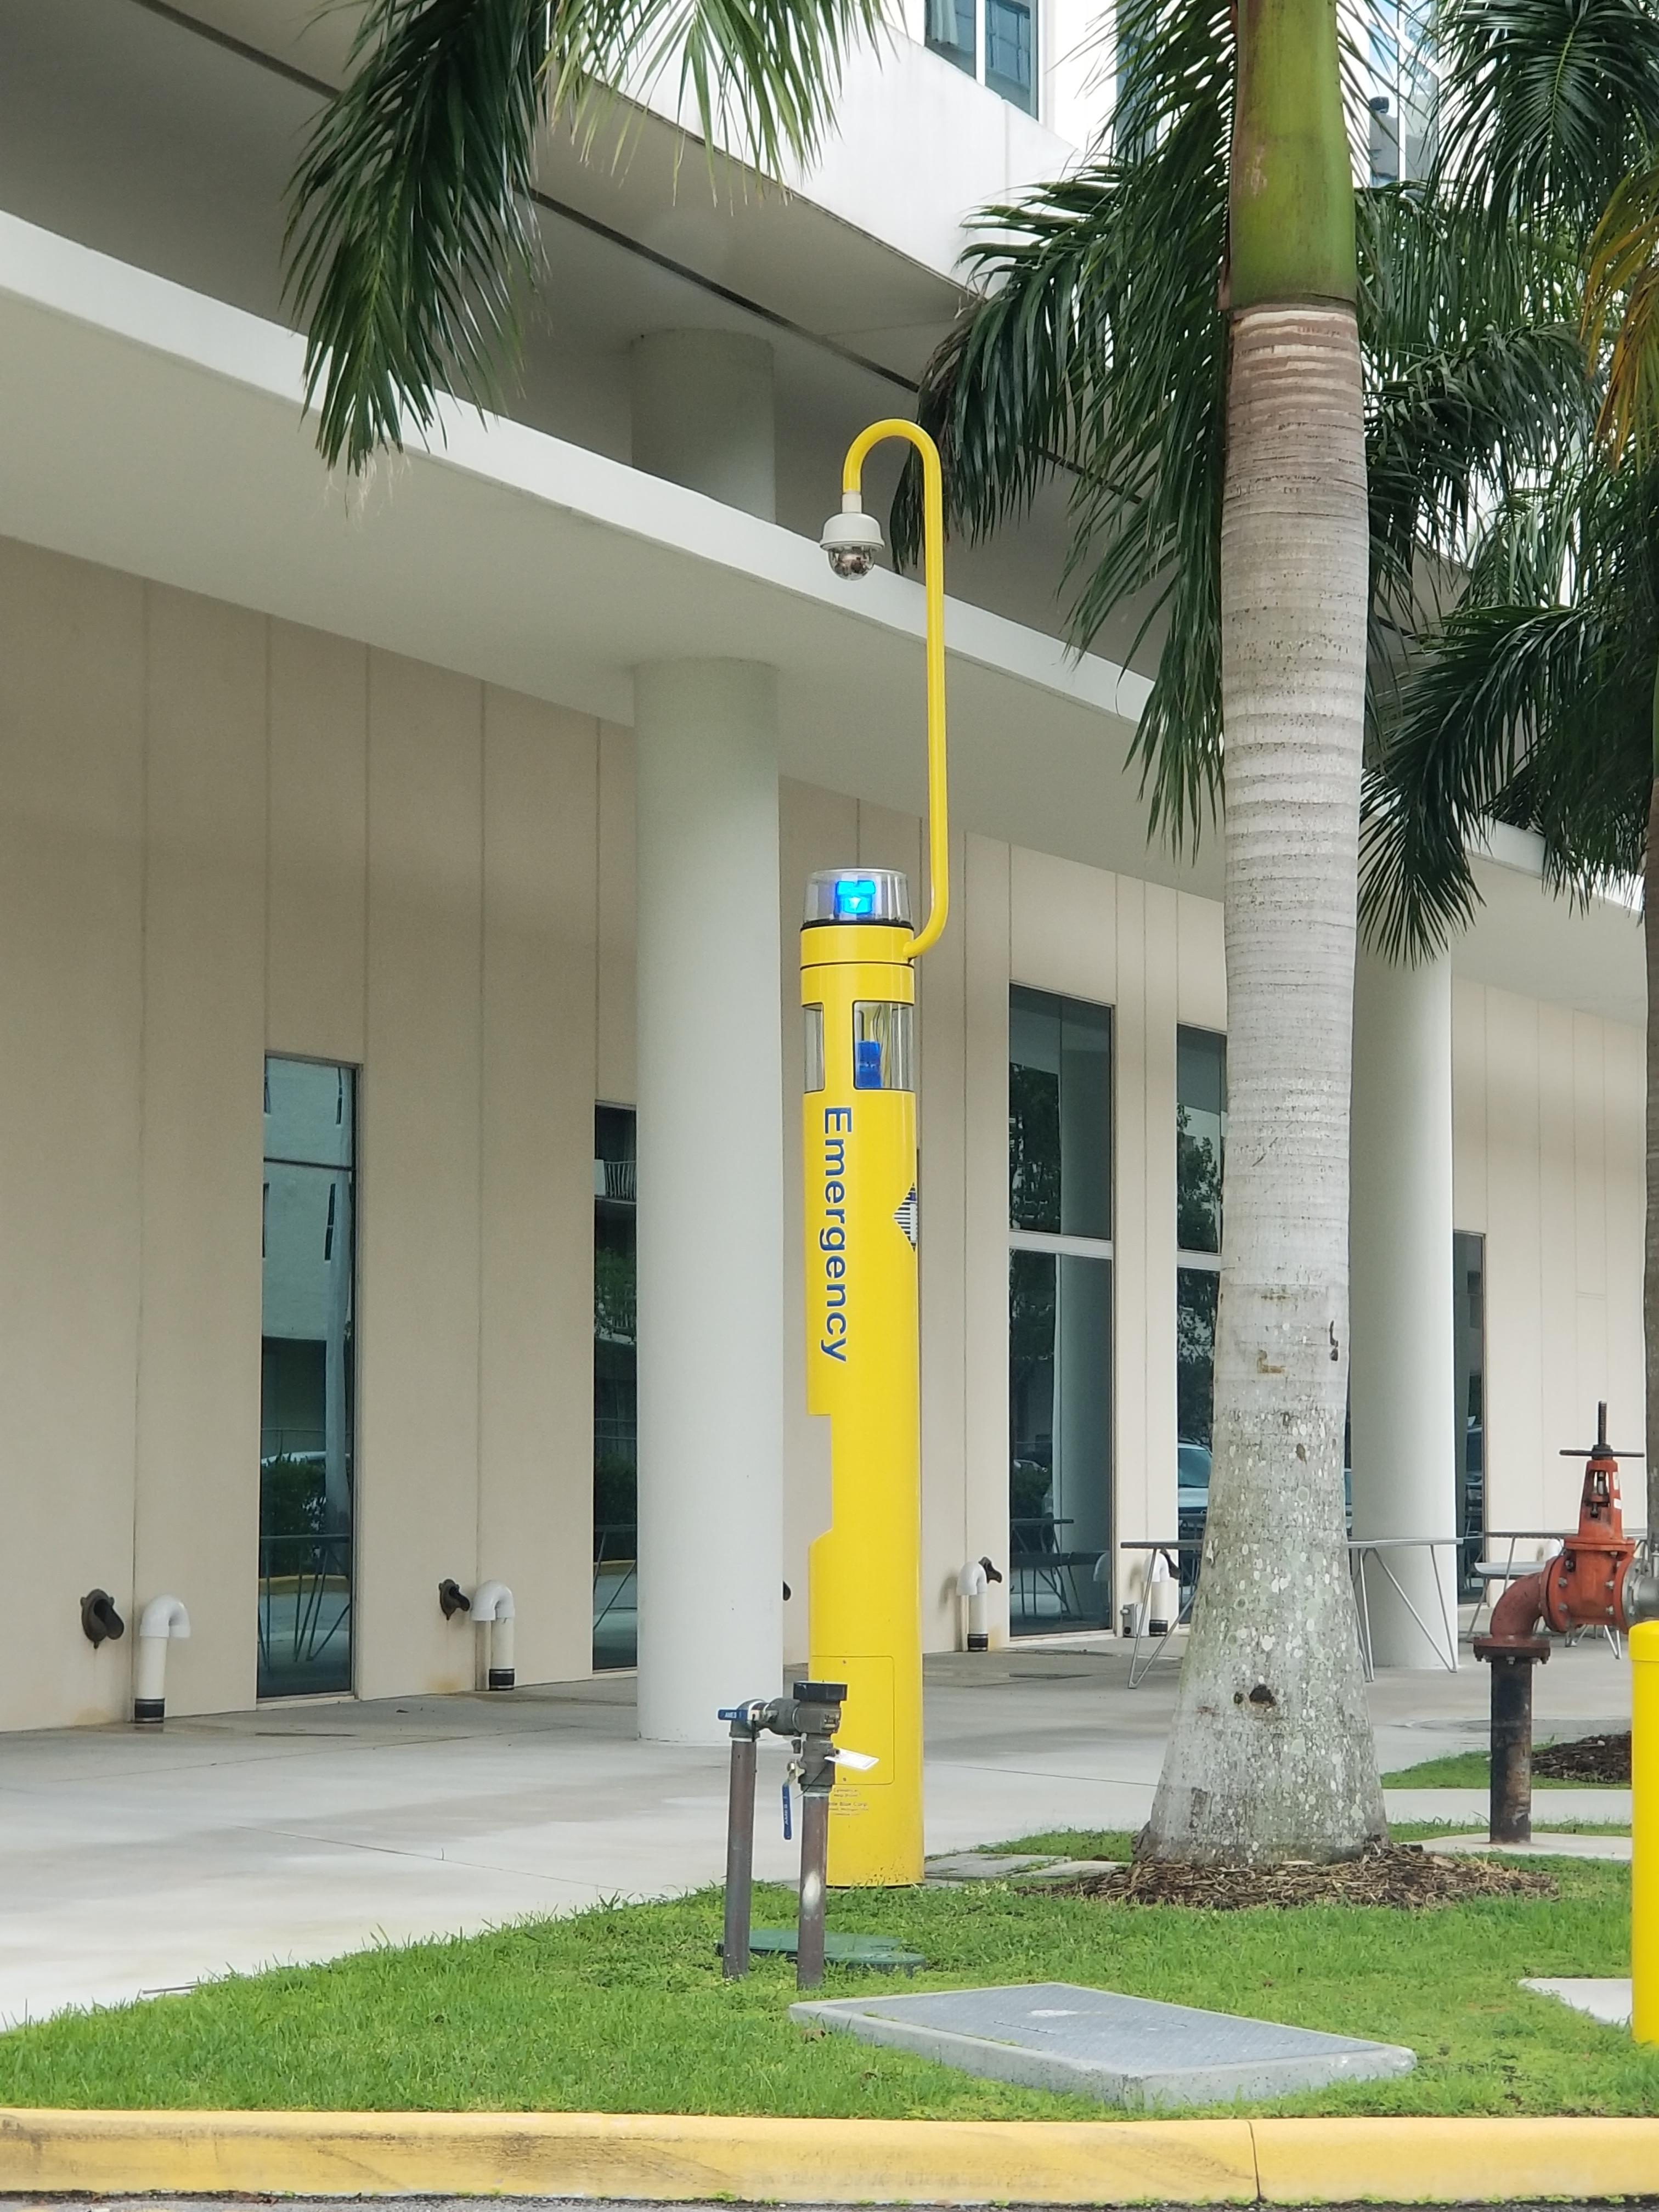 Miami Dade College, Miami, FL